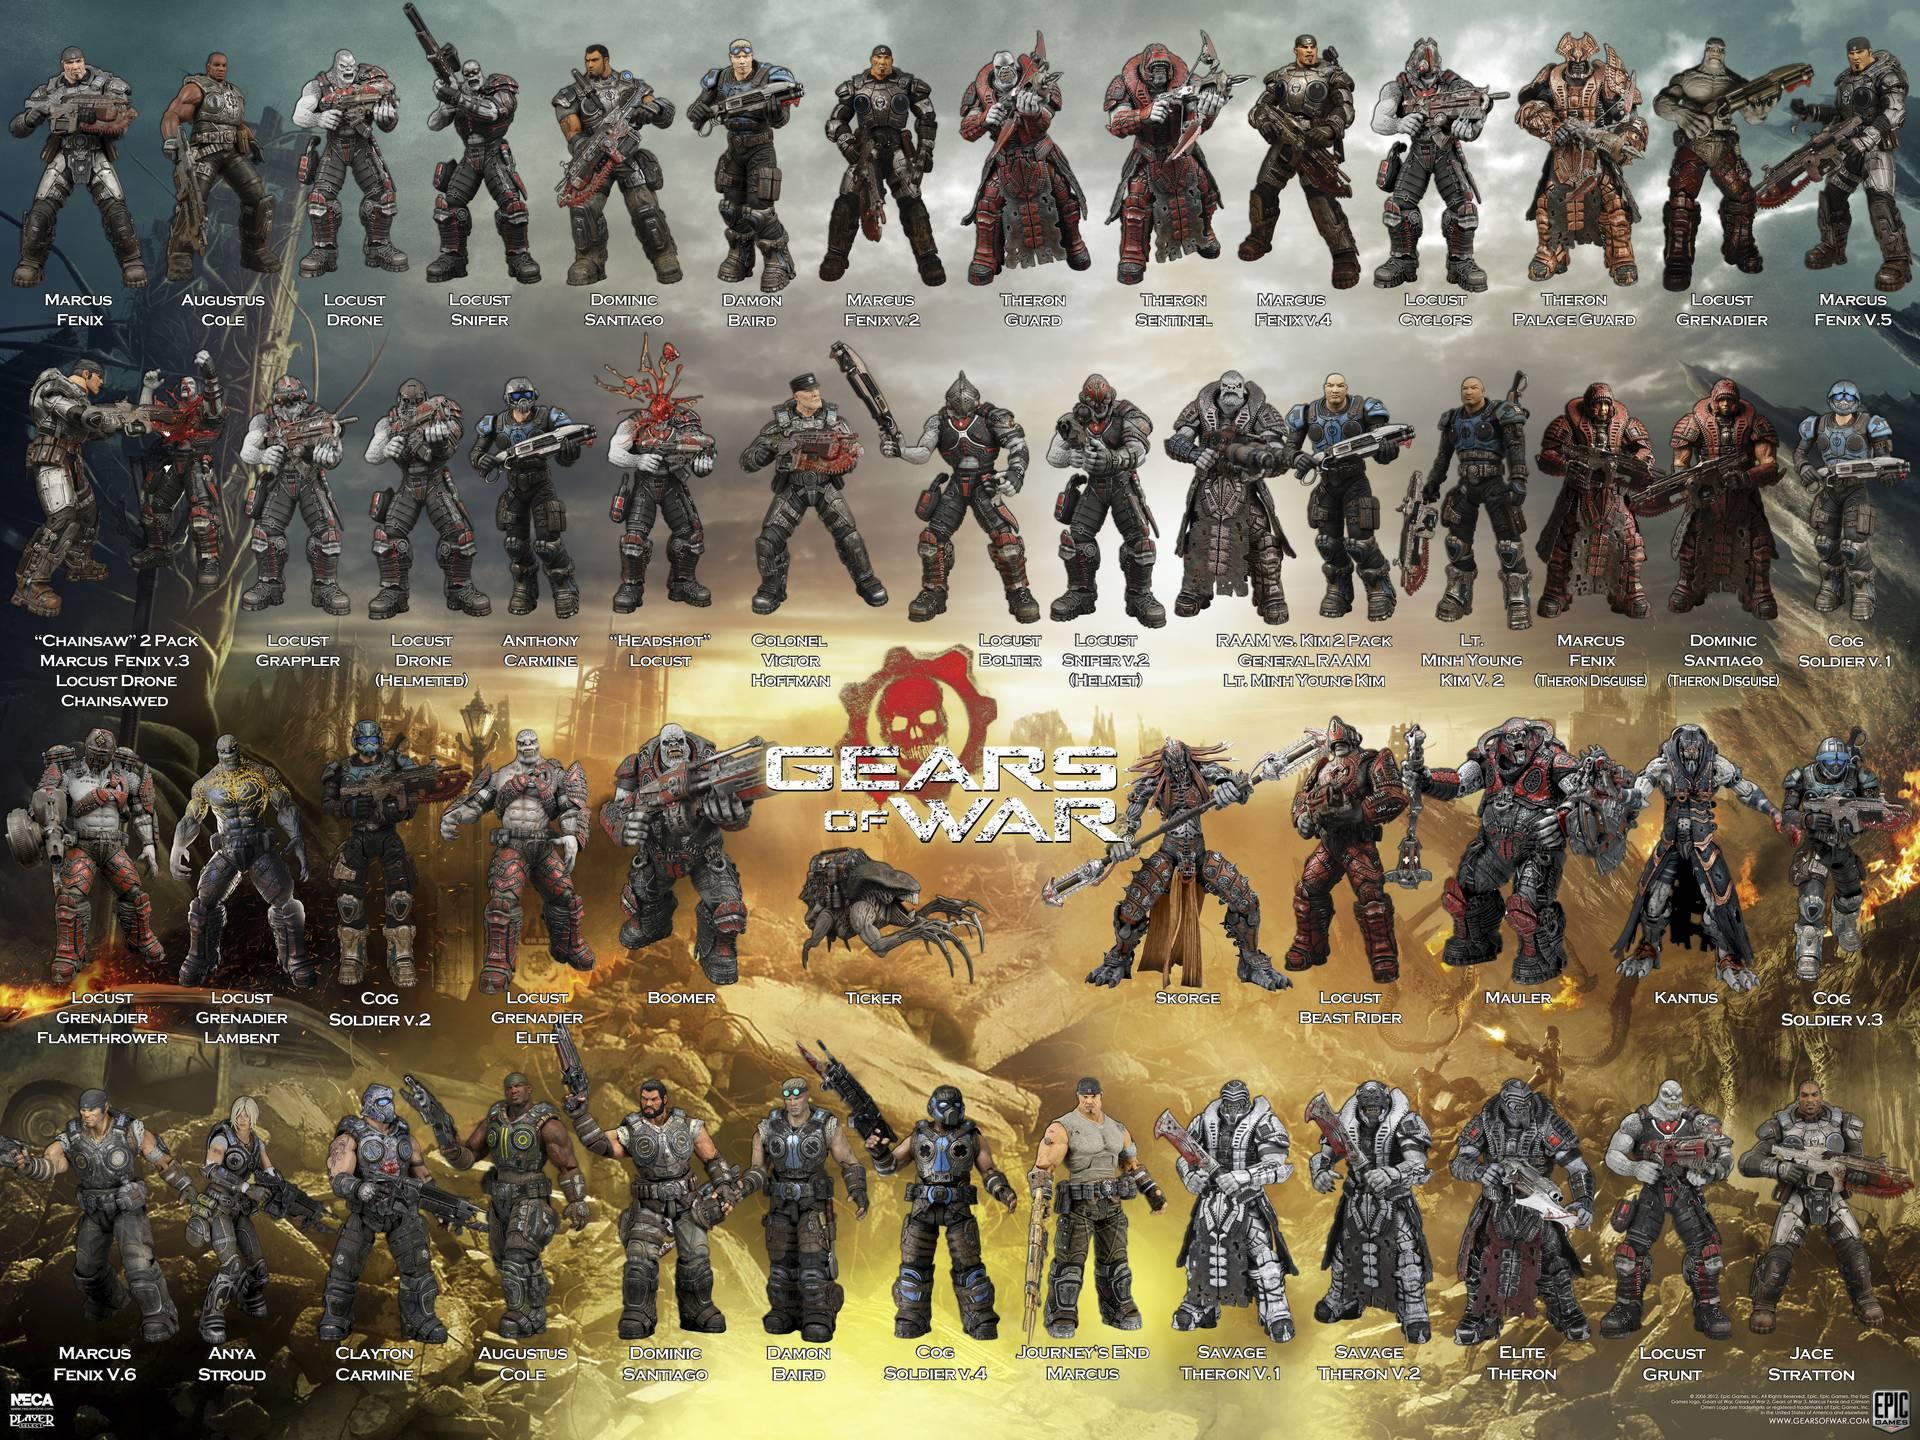 Gears of War Action Figures